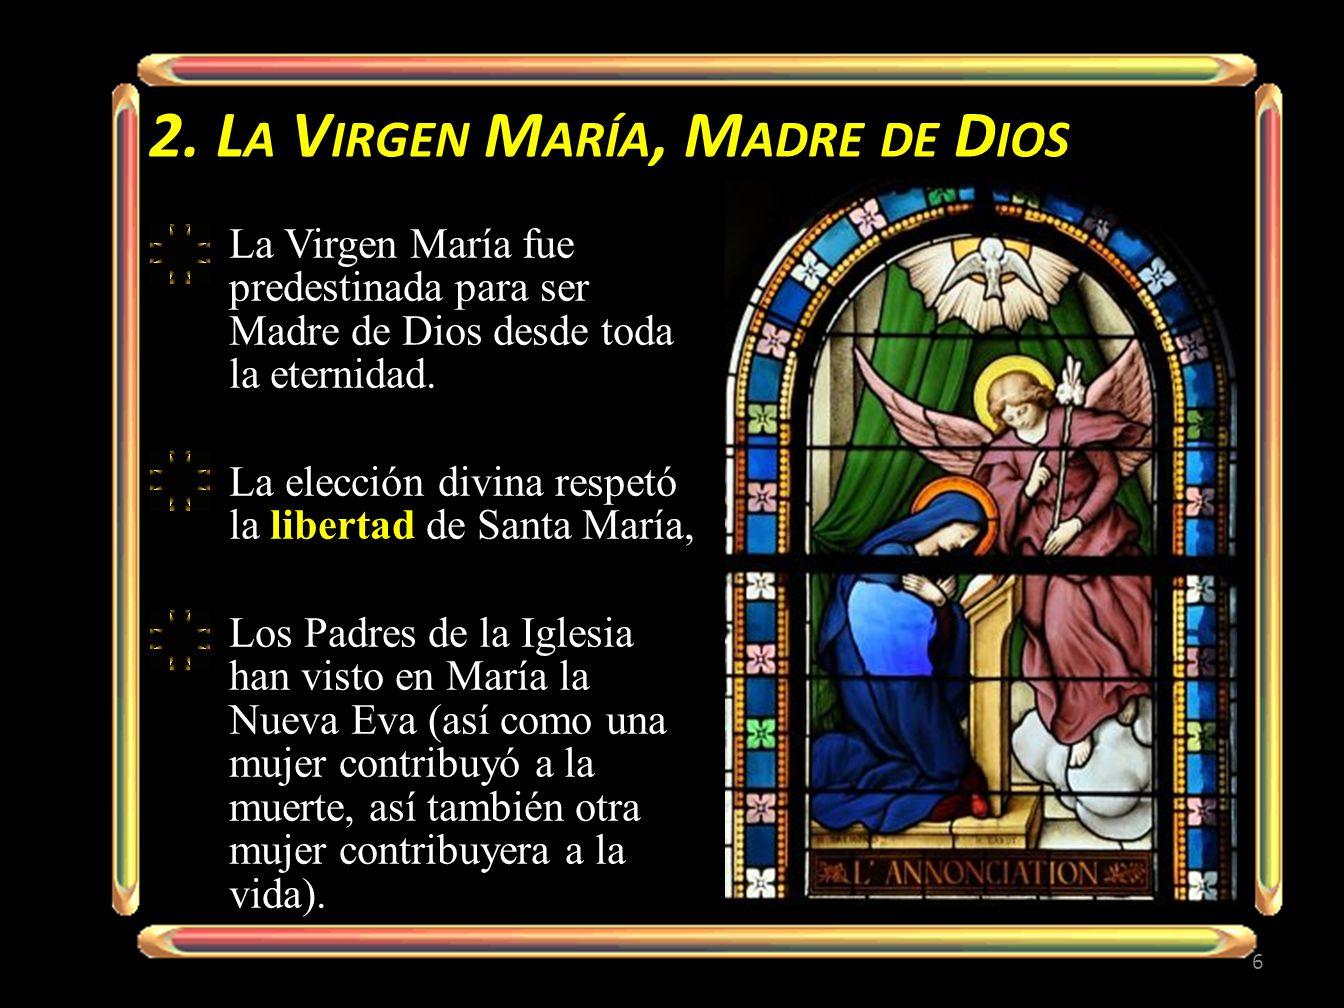 2. La Virgen María, Madre de Dios